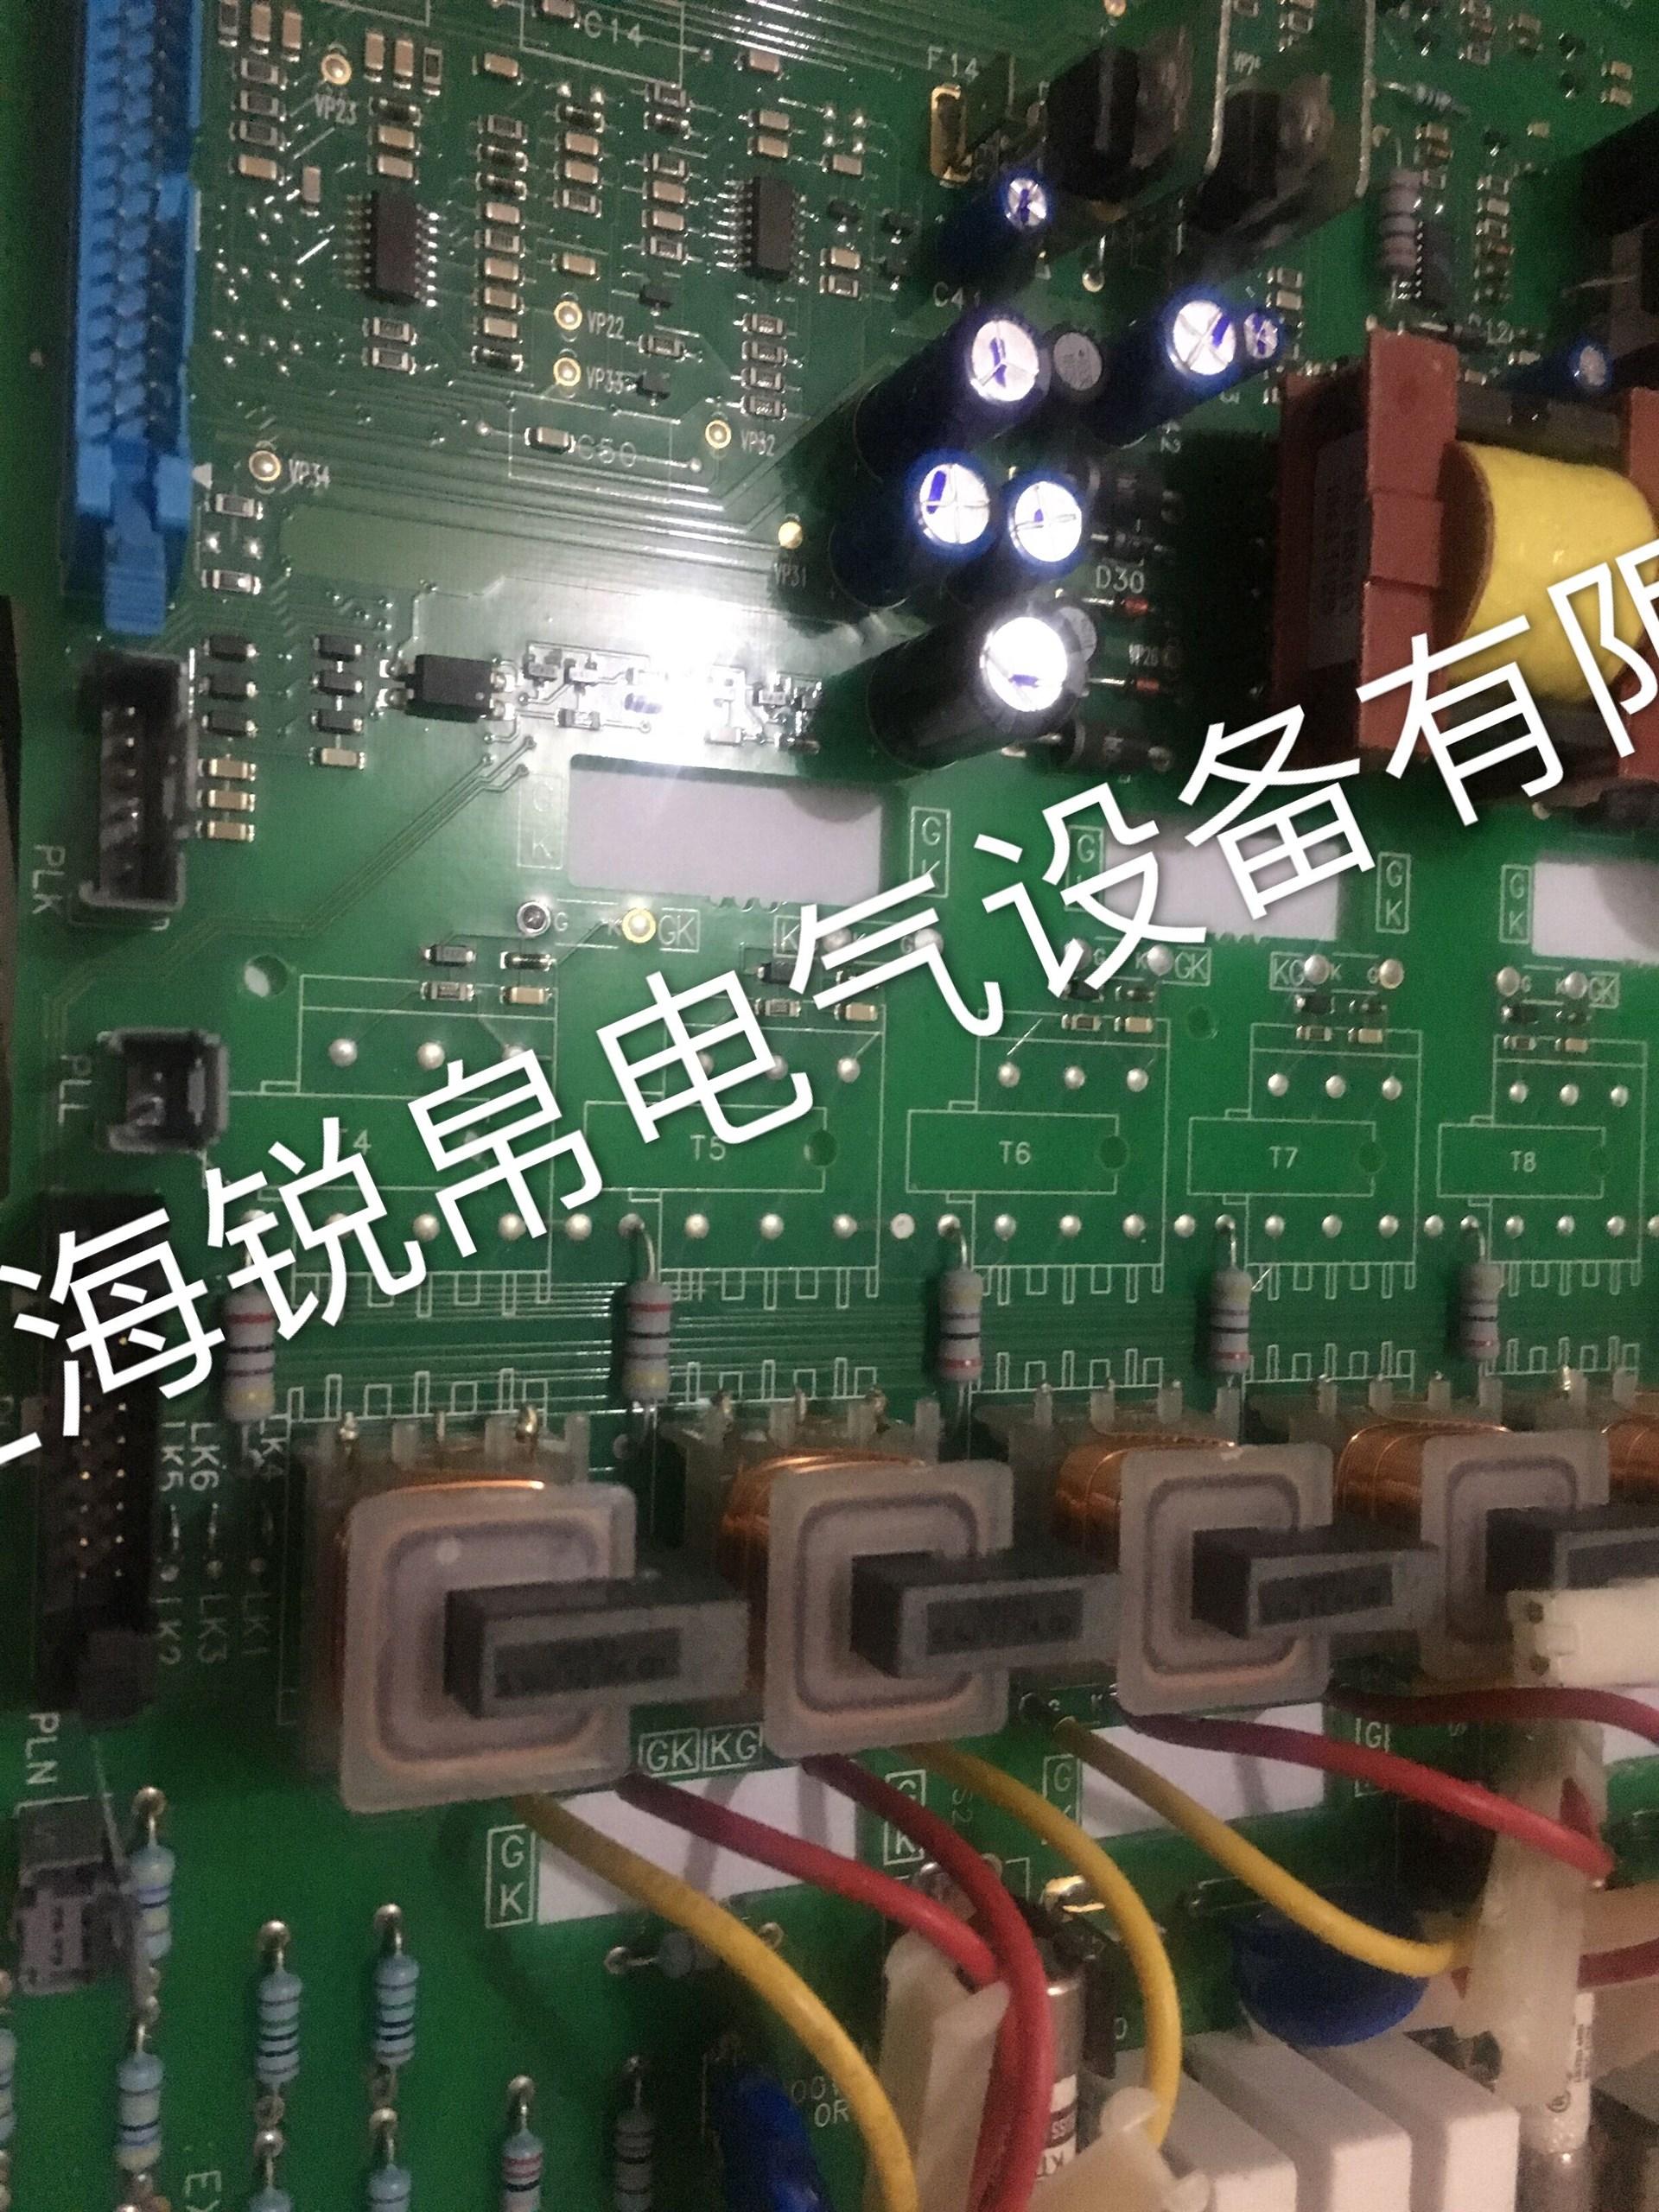 欧陆590c调速器电源板ah385851u002及维修(parker)